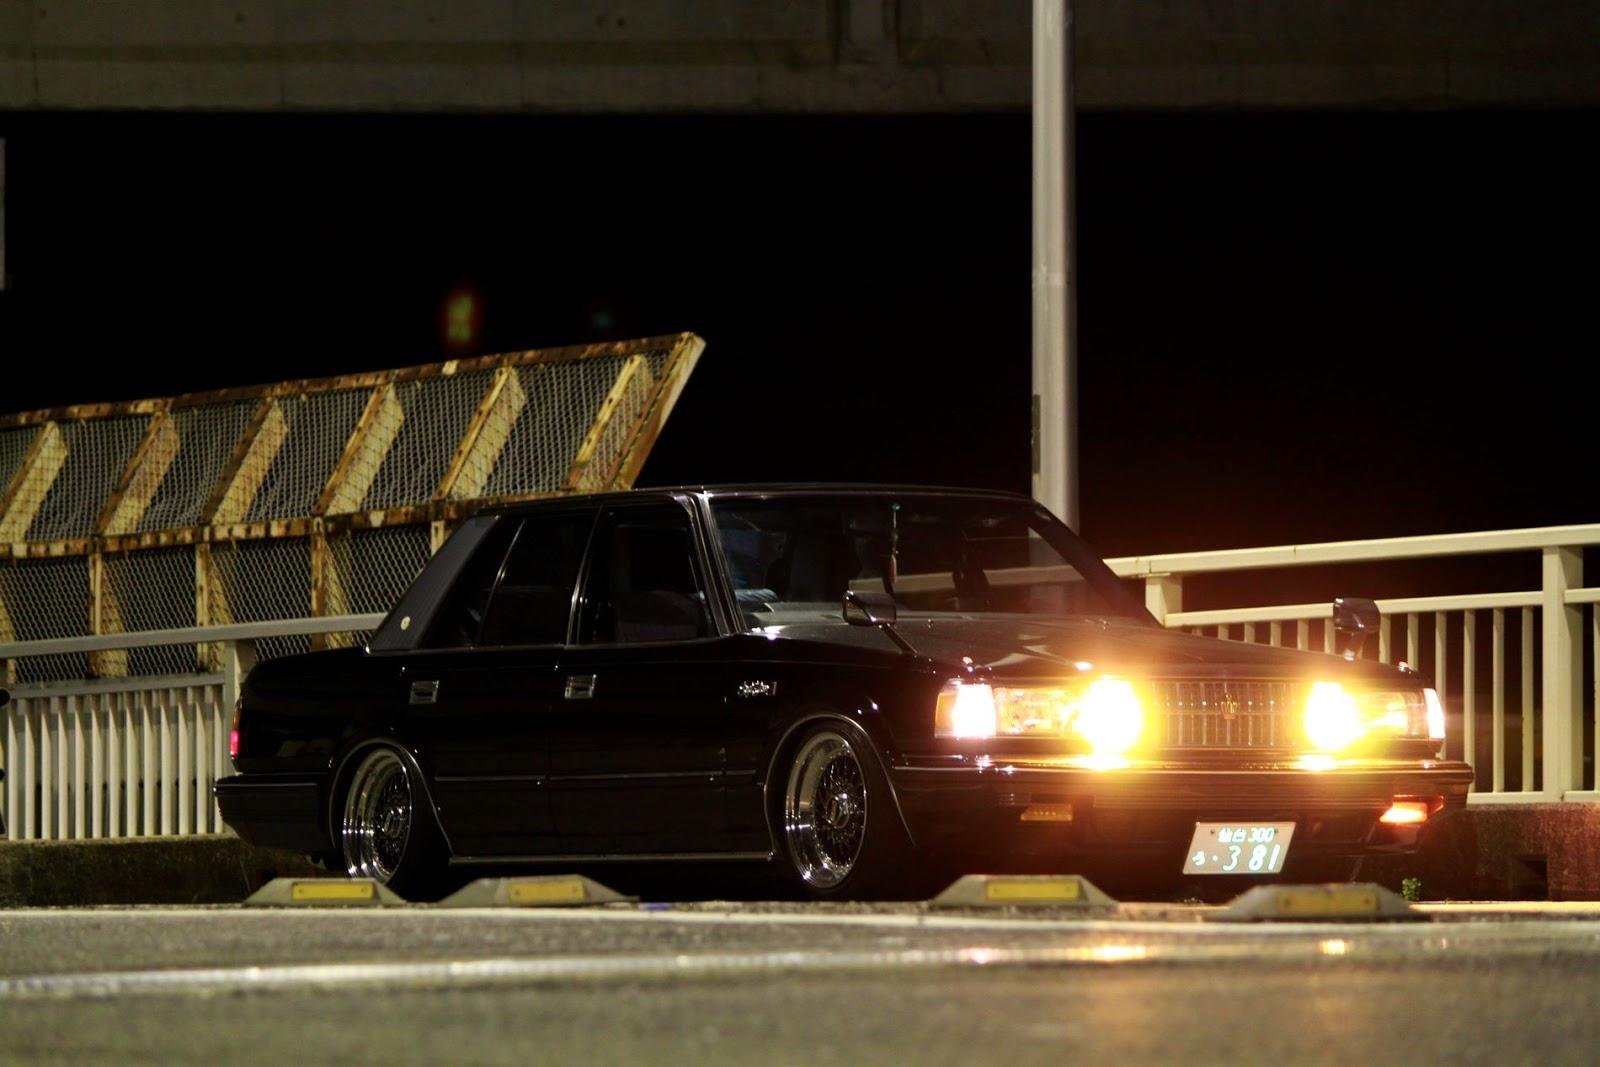 Toyota Crown S12, japoński samochód, motoryzacja, jdm, zdjęcia, fotki, photos, tuning, nocna fotografia, samochody nocą, po zmroku, auto, sedan, luksusowy, komfortowy, wysoka jakość, klasyk, stary